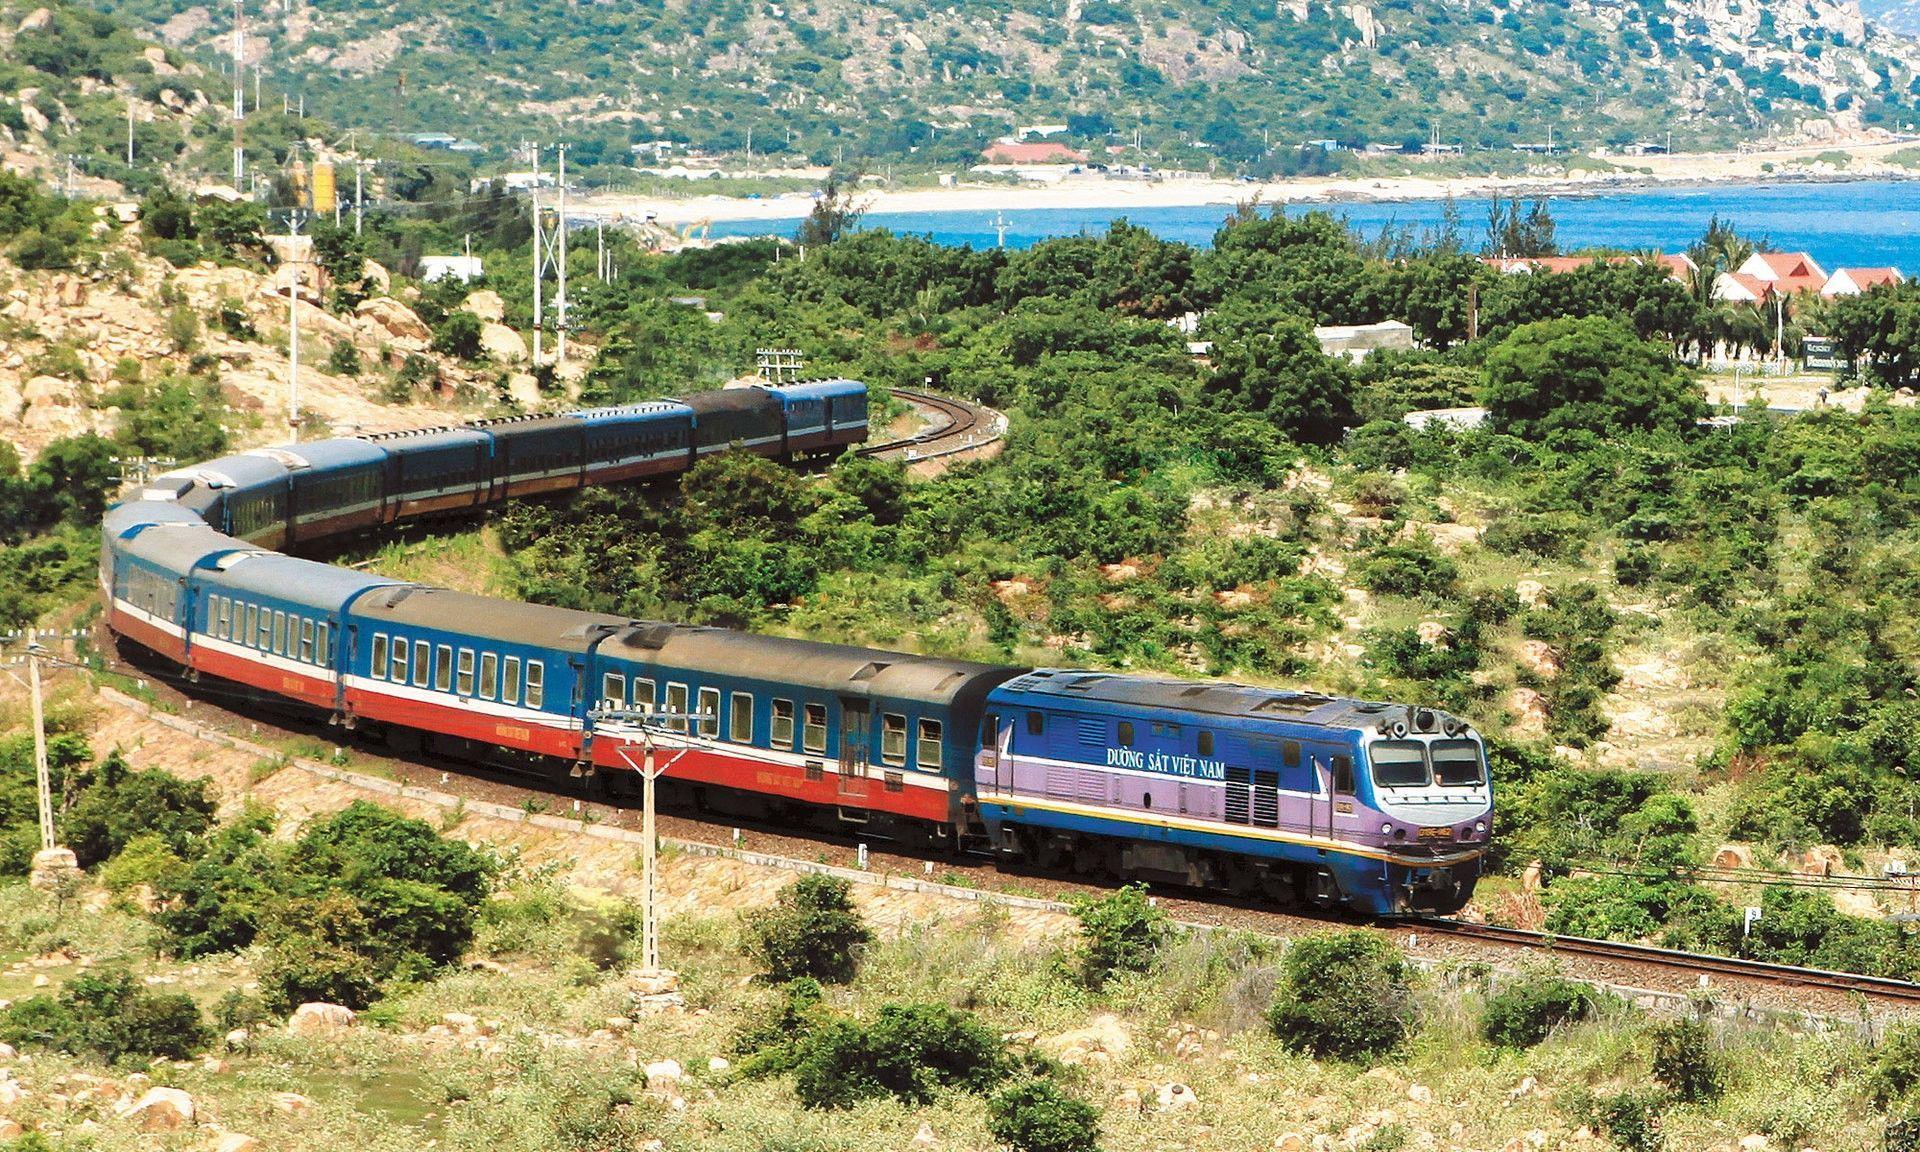 Zweite Klasse Zug